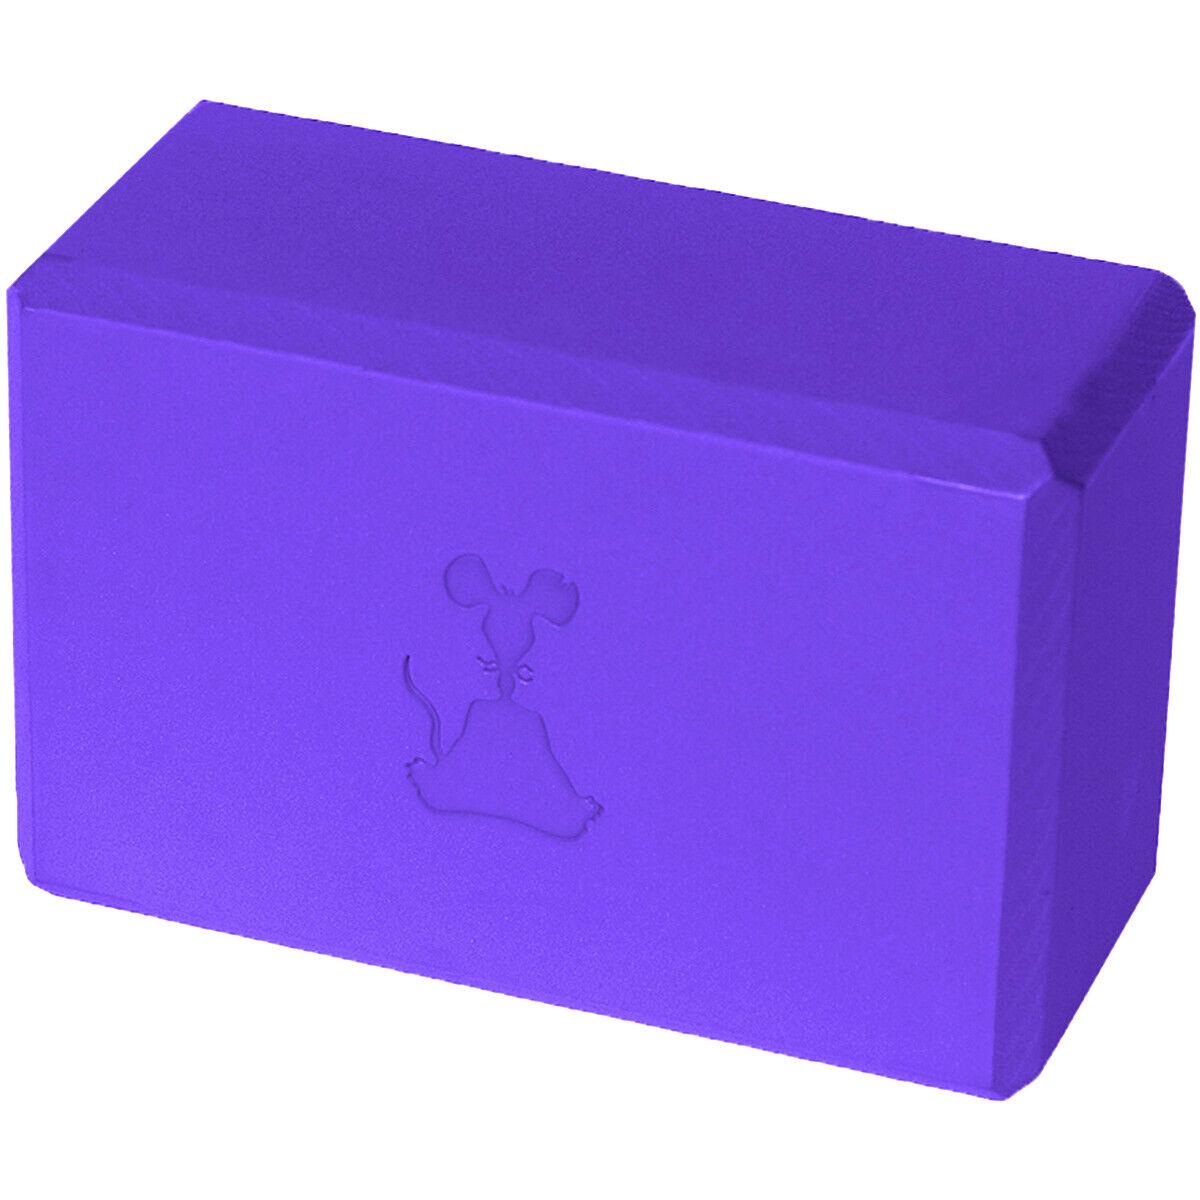 YogaRat Yoga Block – Indigo